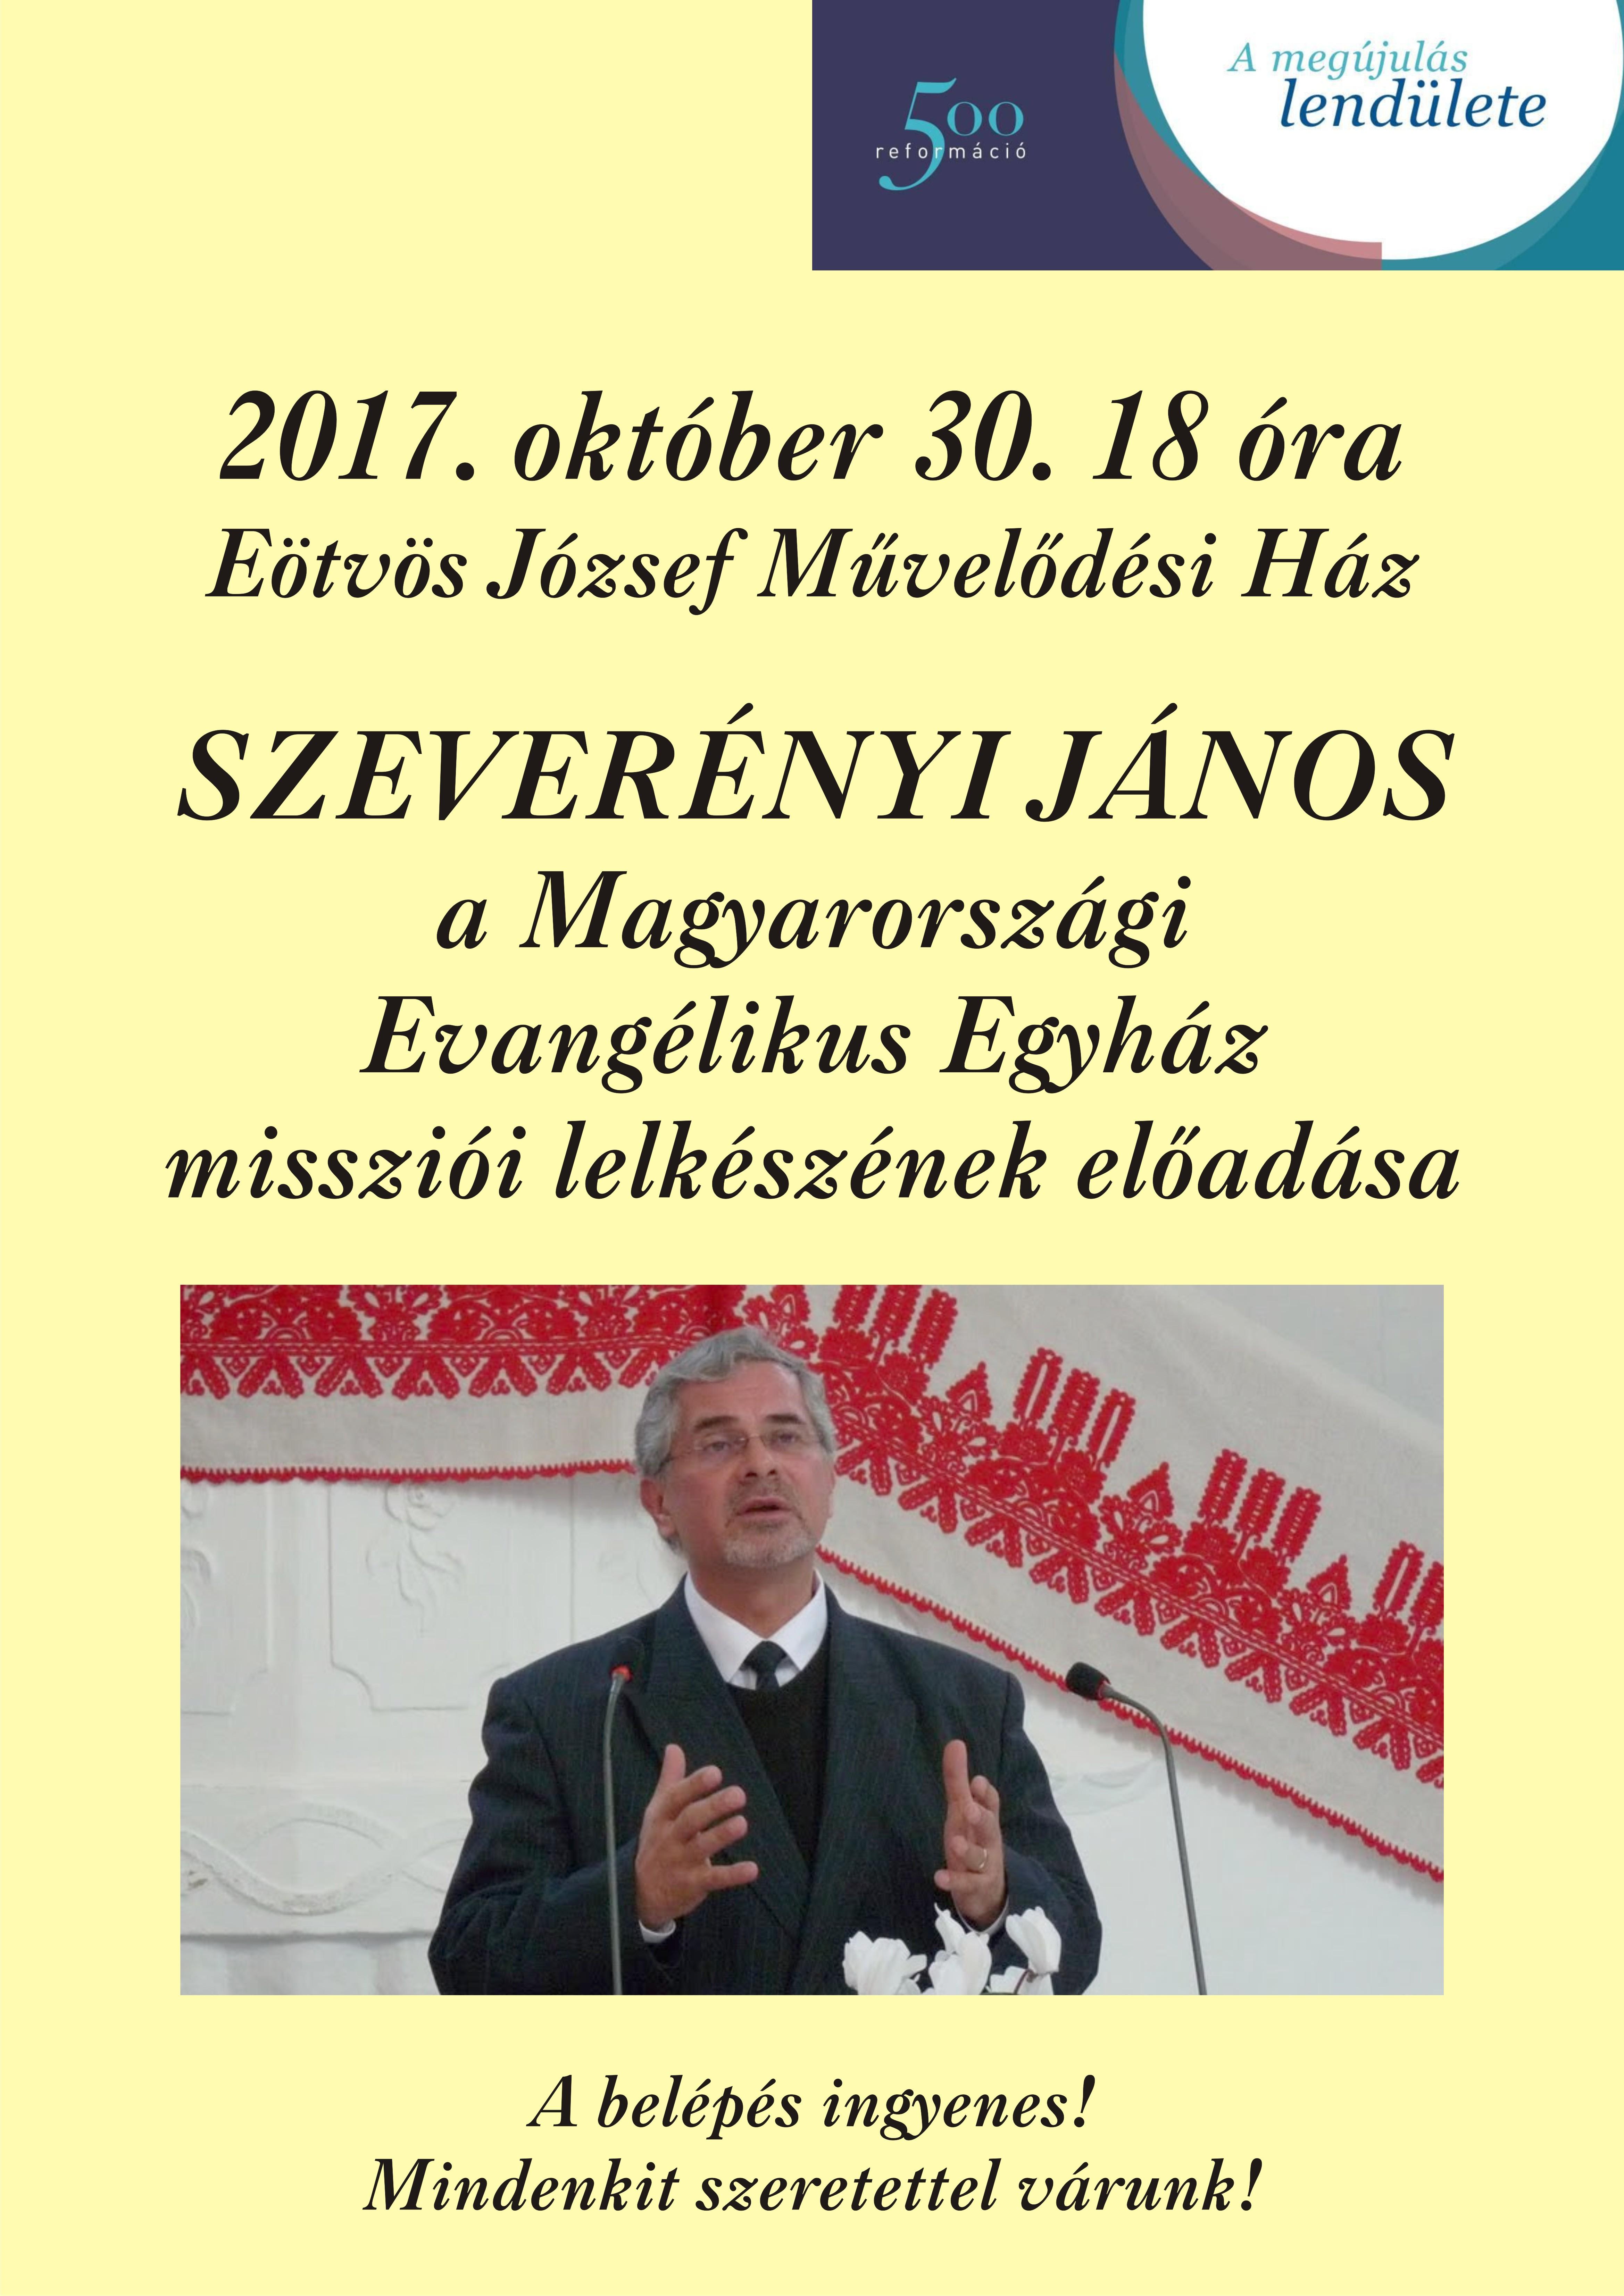 Szevernyei János - a Magyarországi Evangélikus Egyház missziói lelkészének előadása